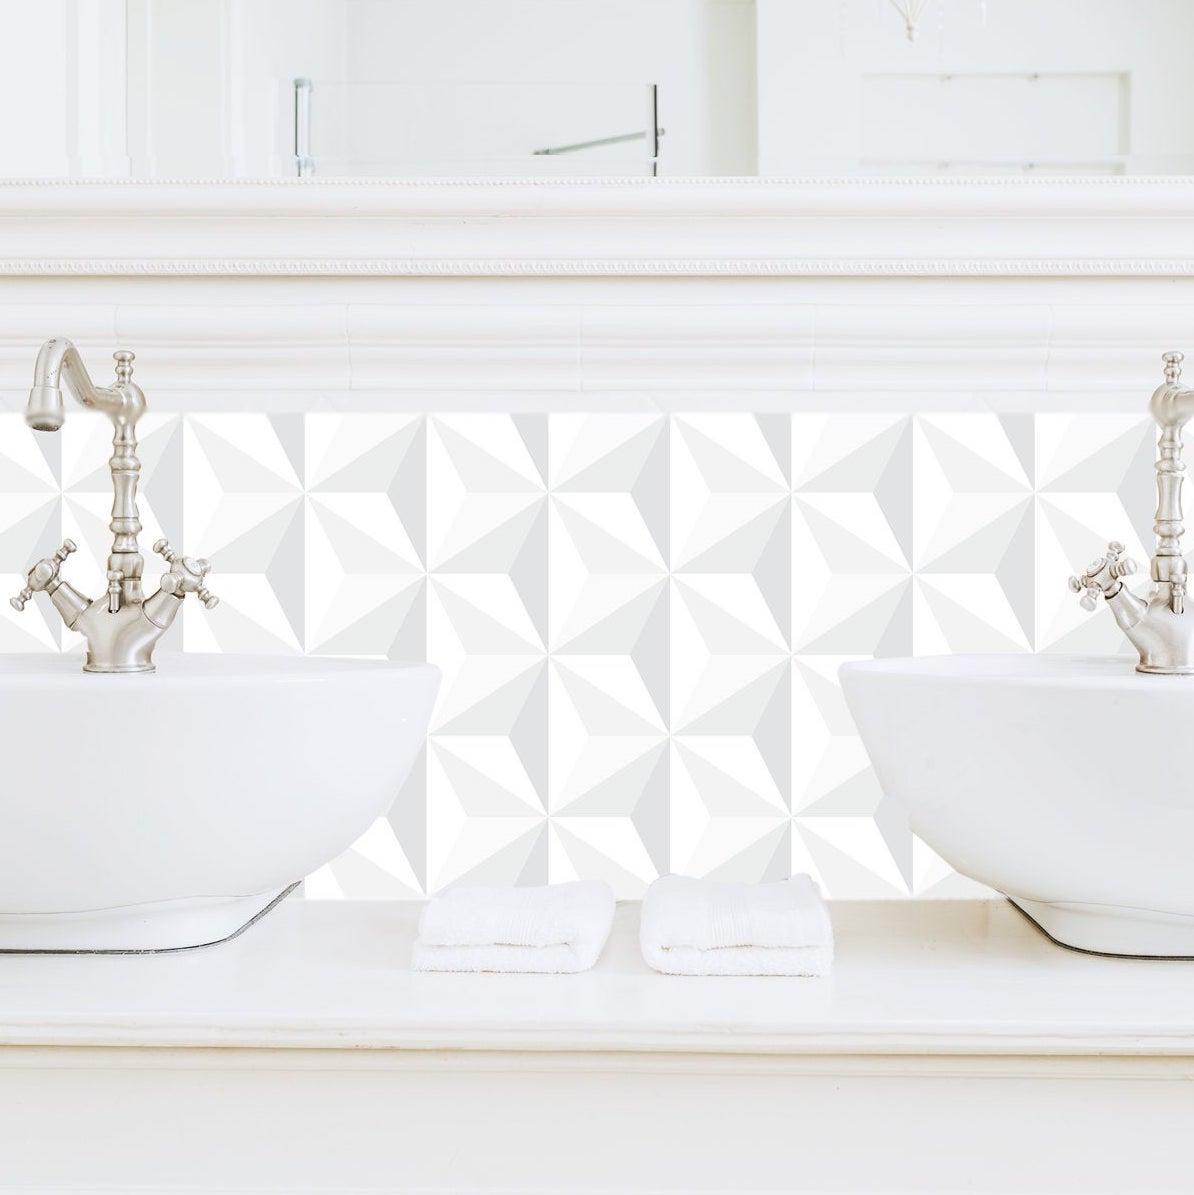 papier peint adhésif origami blanc effet 3D déco salle de bain